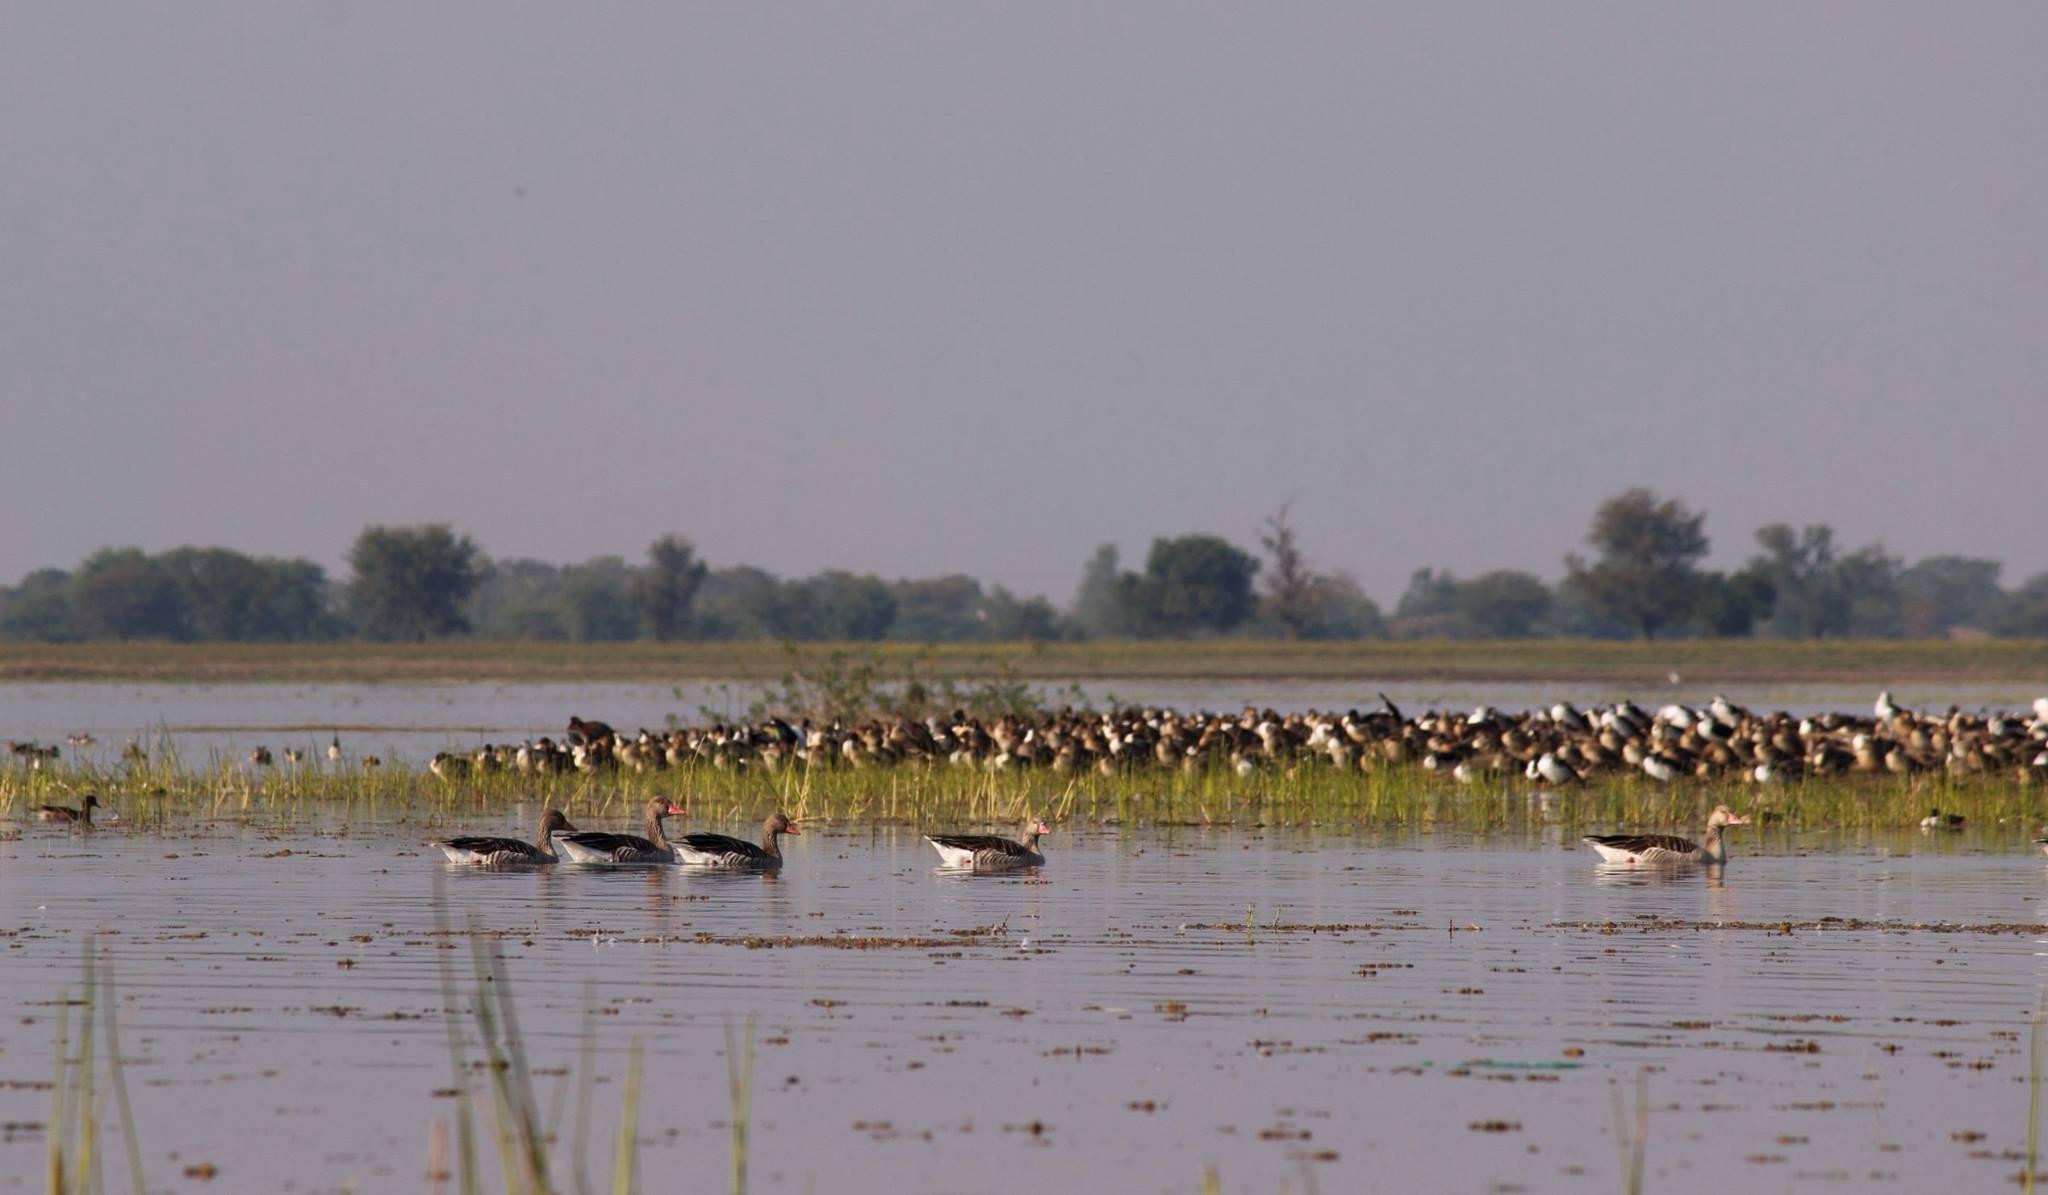 કેટલાક પક્ષીઓ સાઇબિરિયા પ્રાંતમાંથી તો કેટલાક રશિયાની ઓબ નદીનાં ઠંડા વિસ્તારમાંથી આવે છે